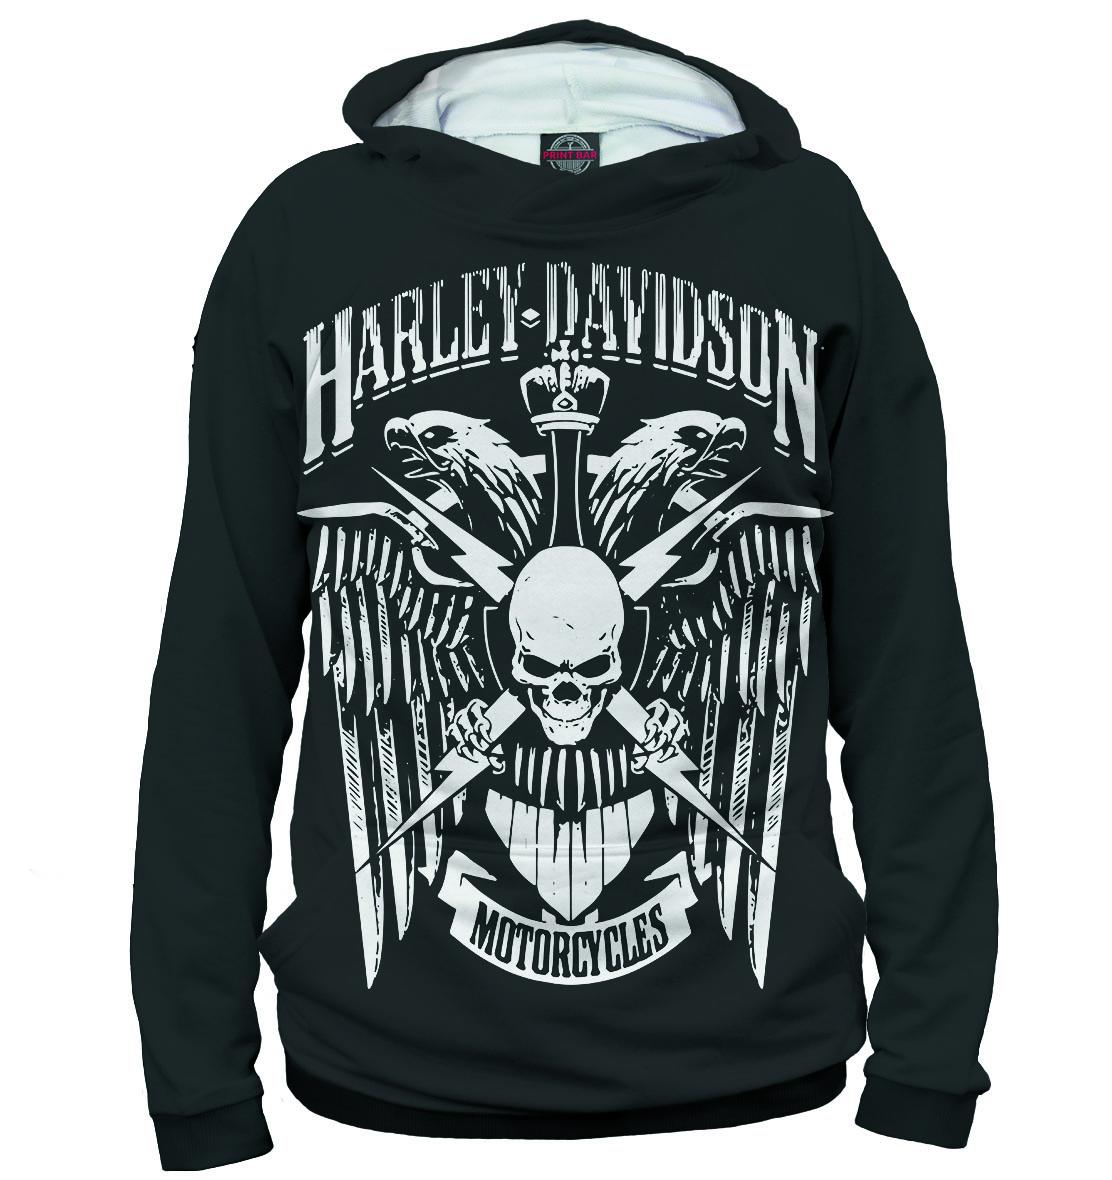 Купить Harley Davidson Motorcycles, Printbar, Худи, MTR-575884-hud-2